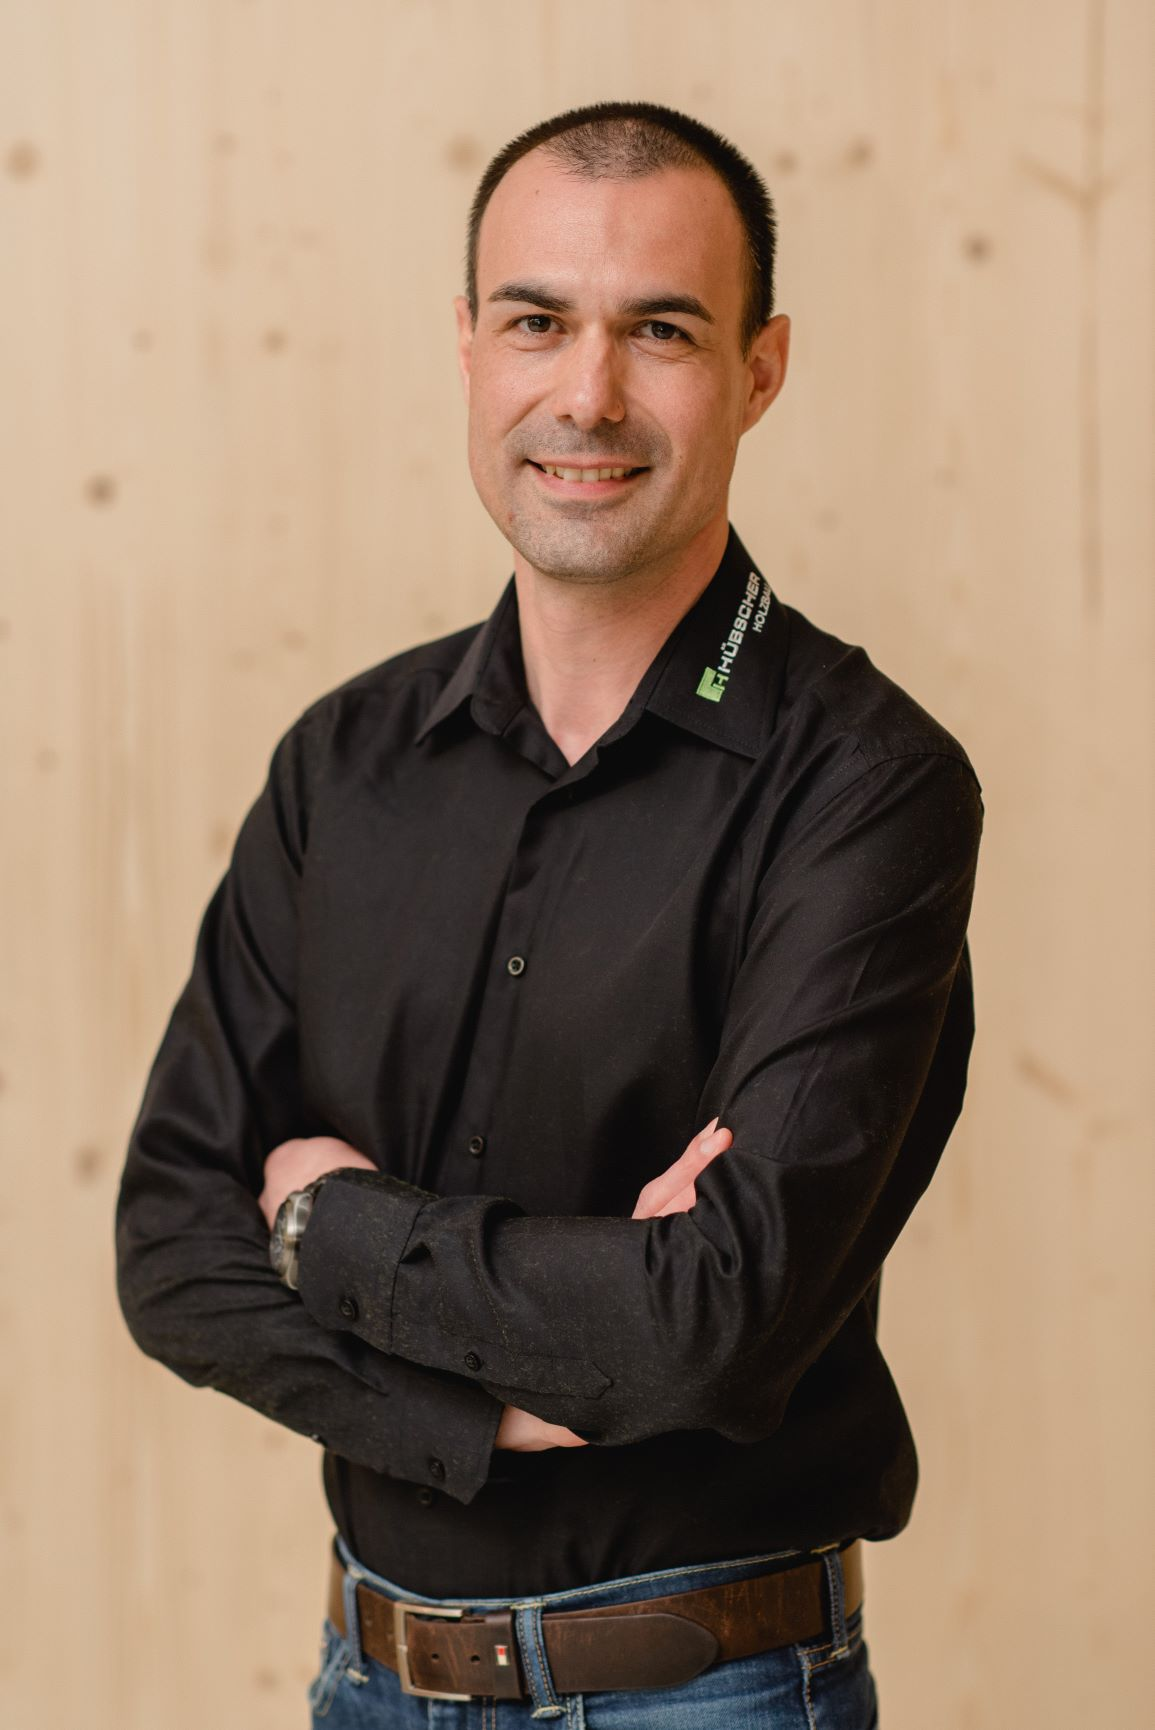 Olivier Brandes